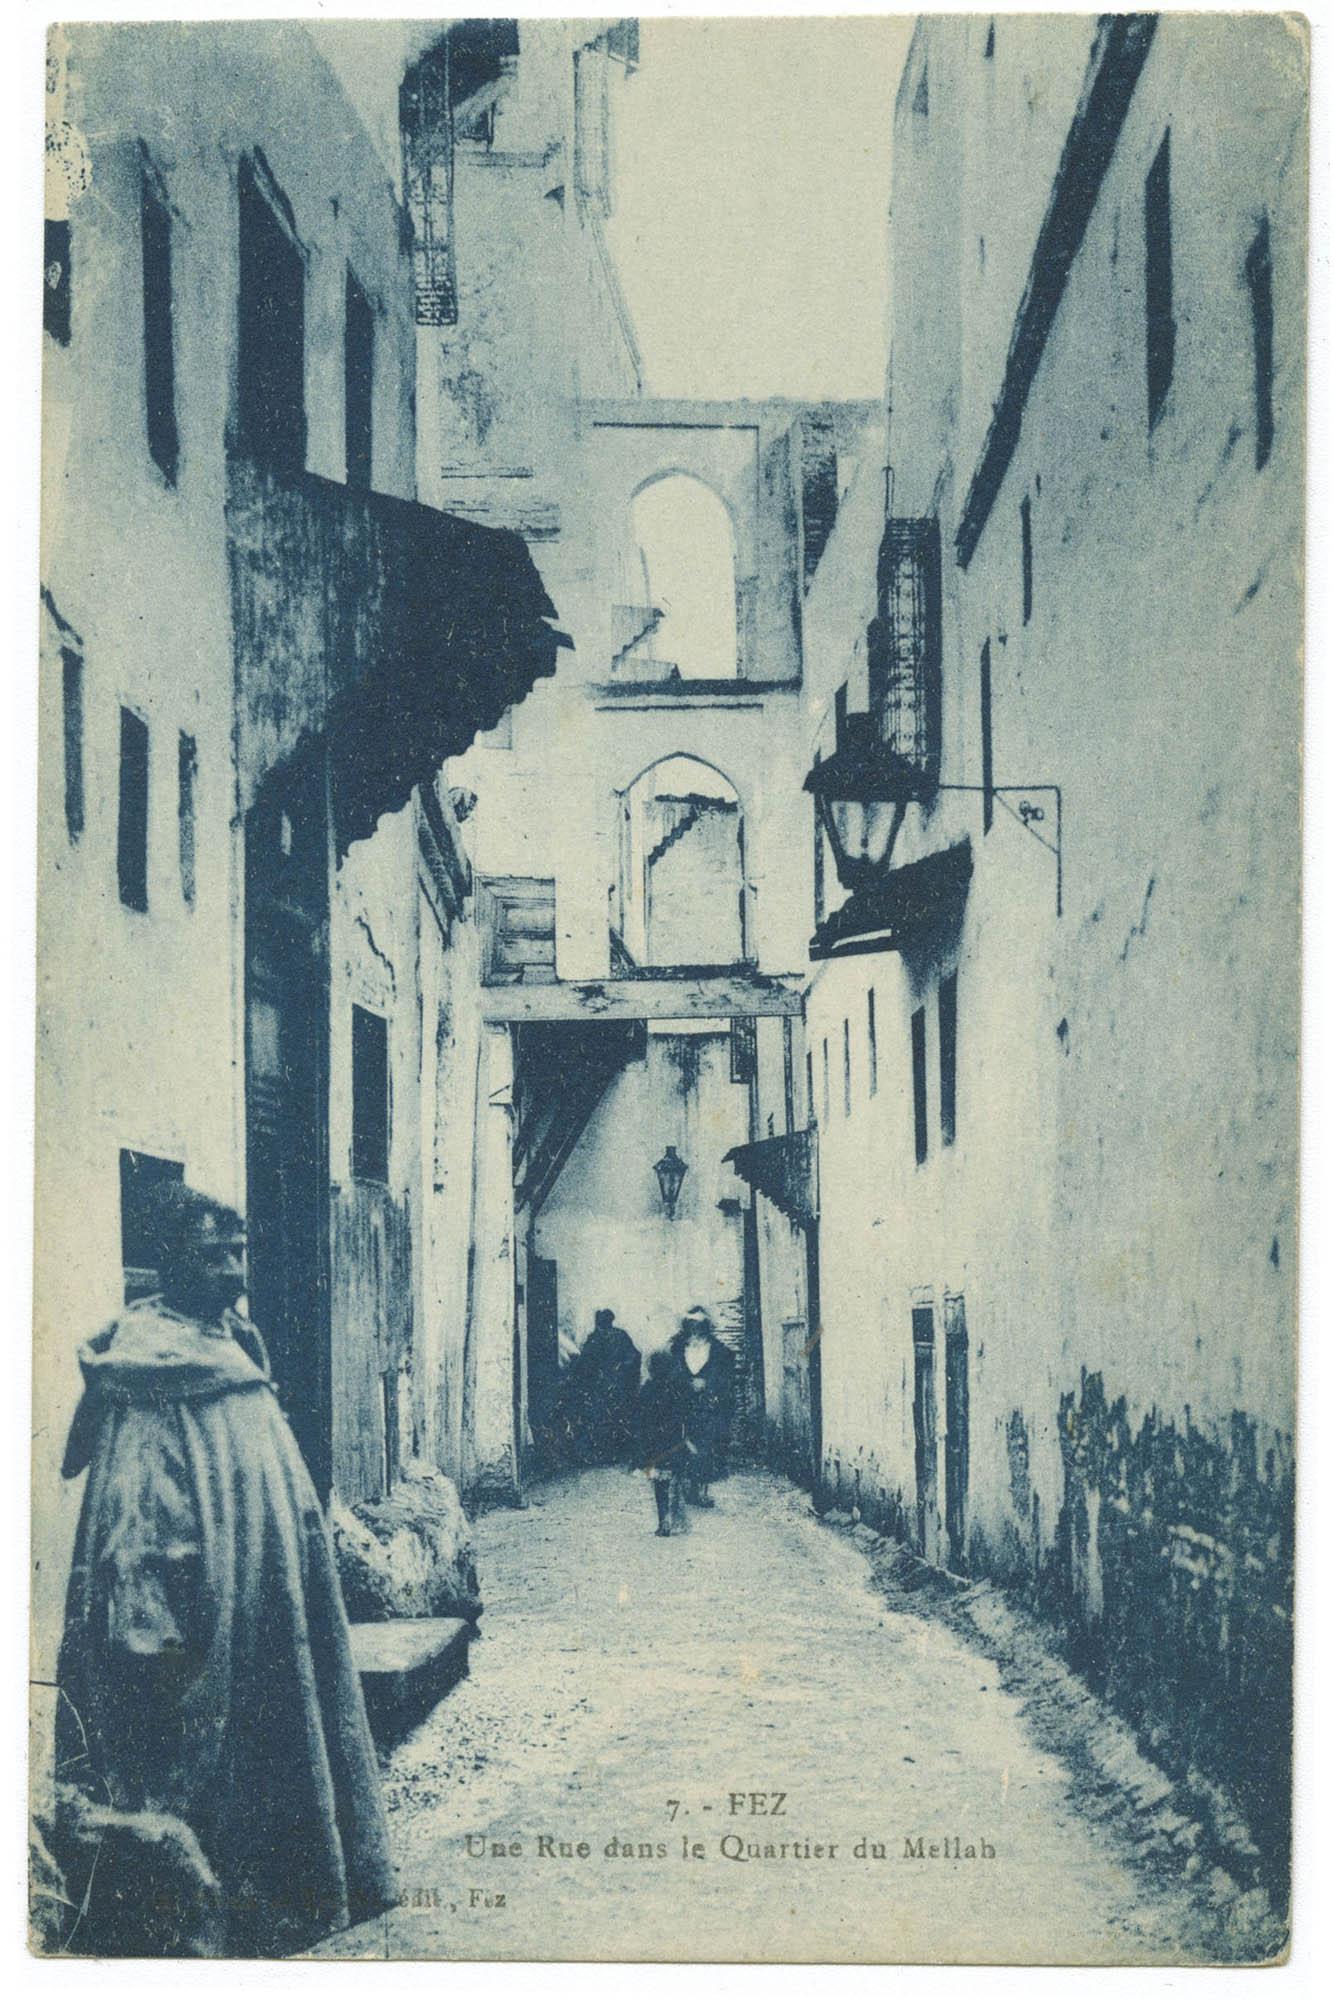 FEZ, Une Rue dans le Quartier du Mellah